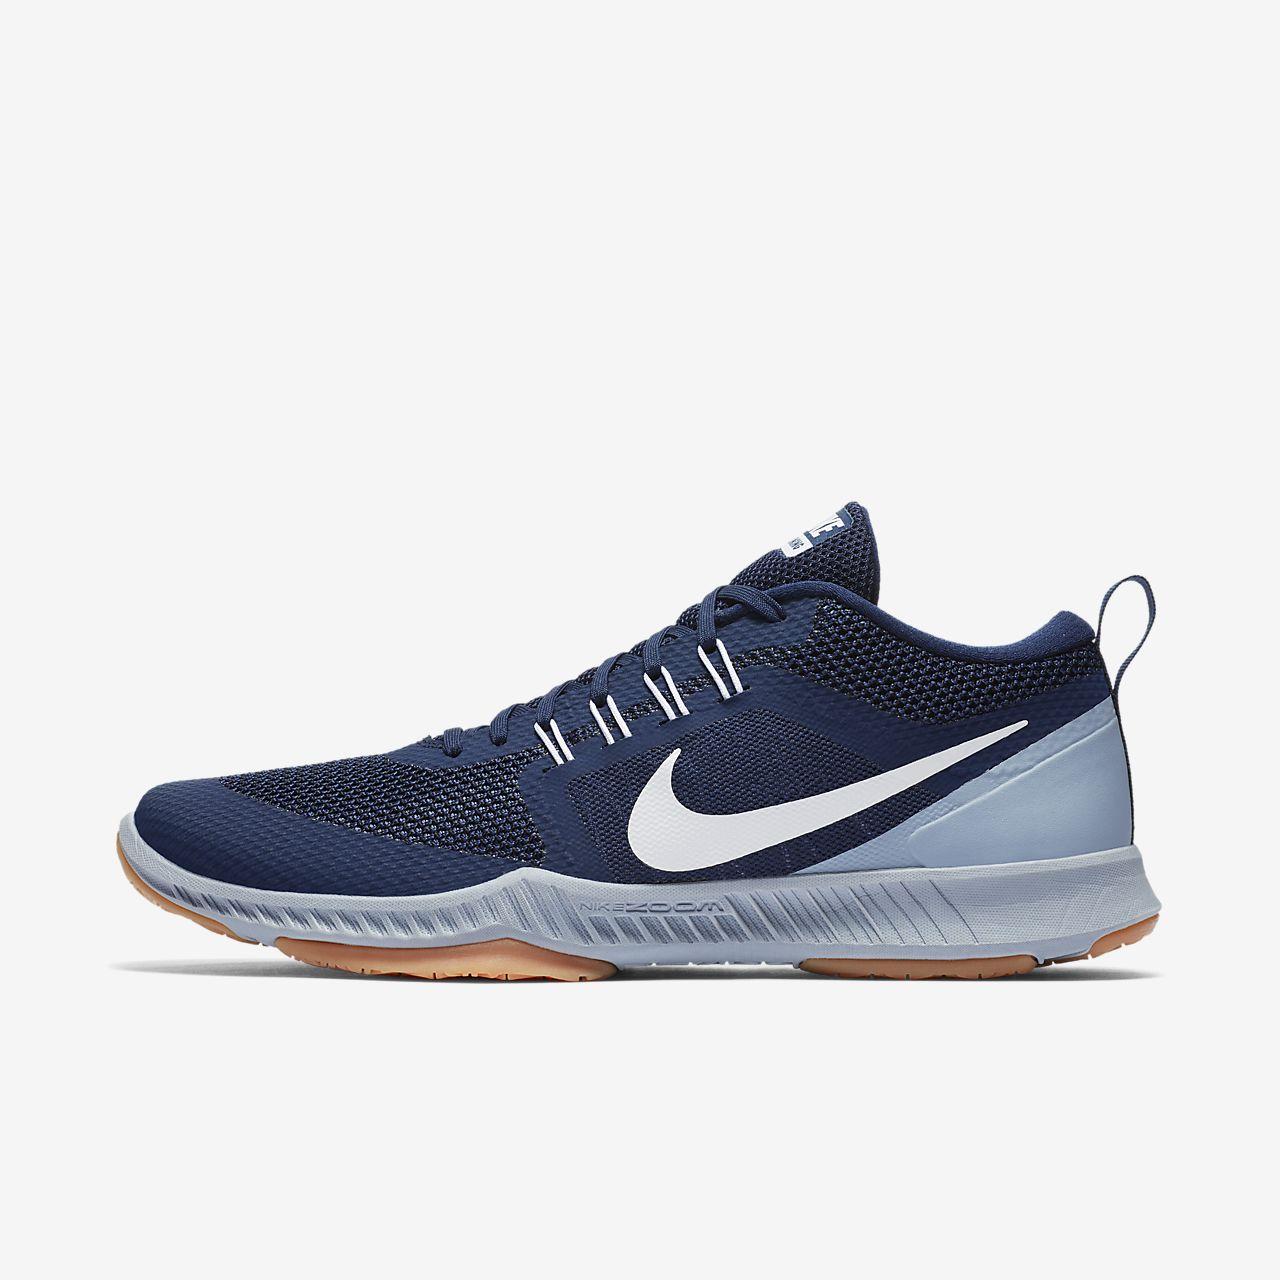 Scarpa Domination Zoom Nike Allenamento Da It Uomo qrpFq1